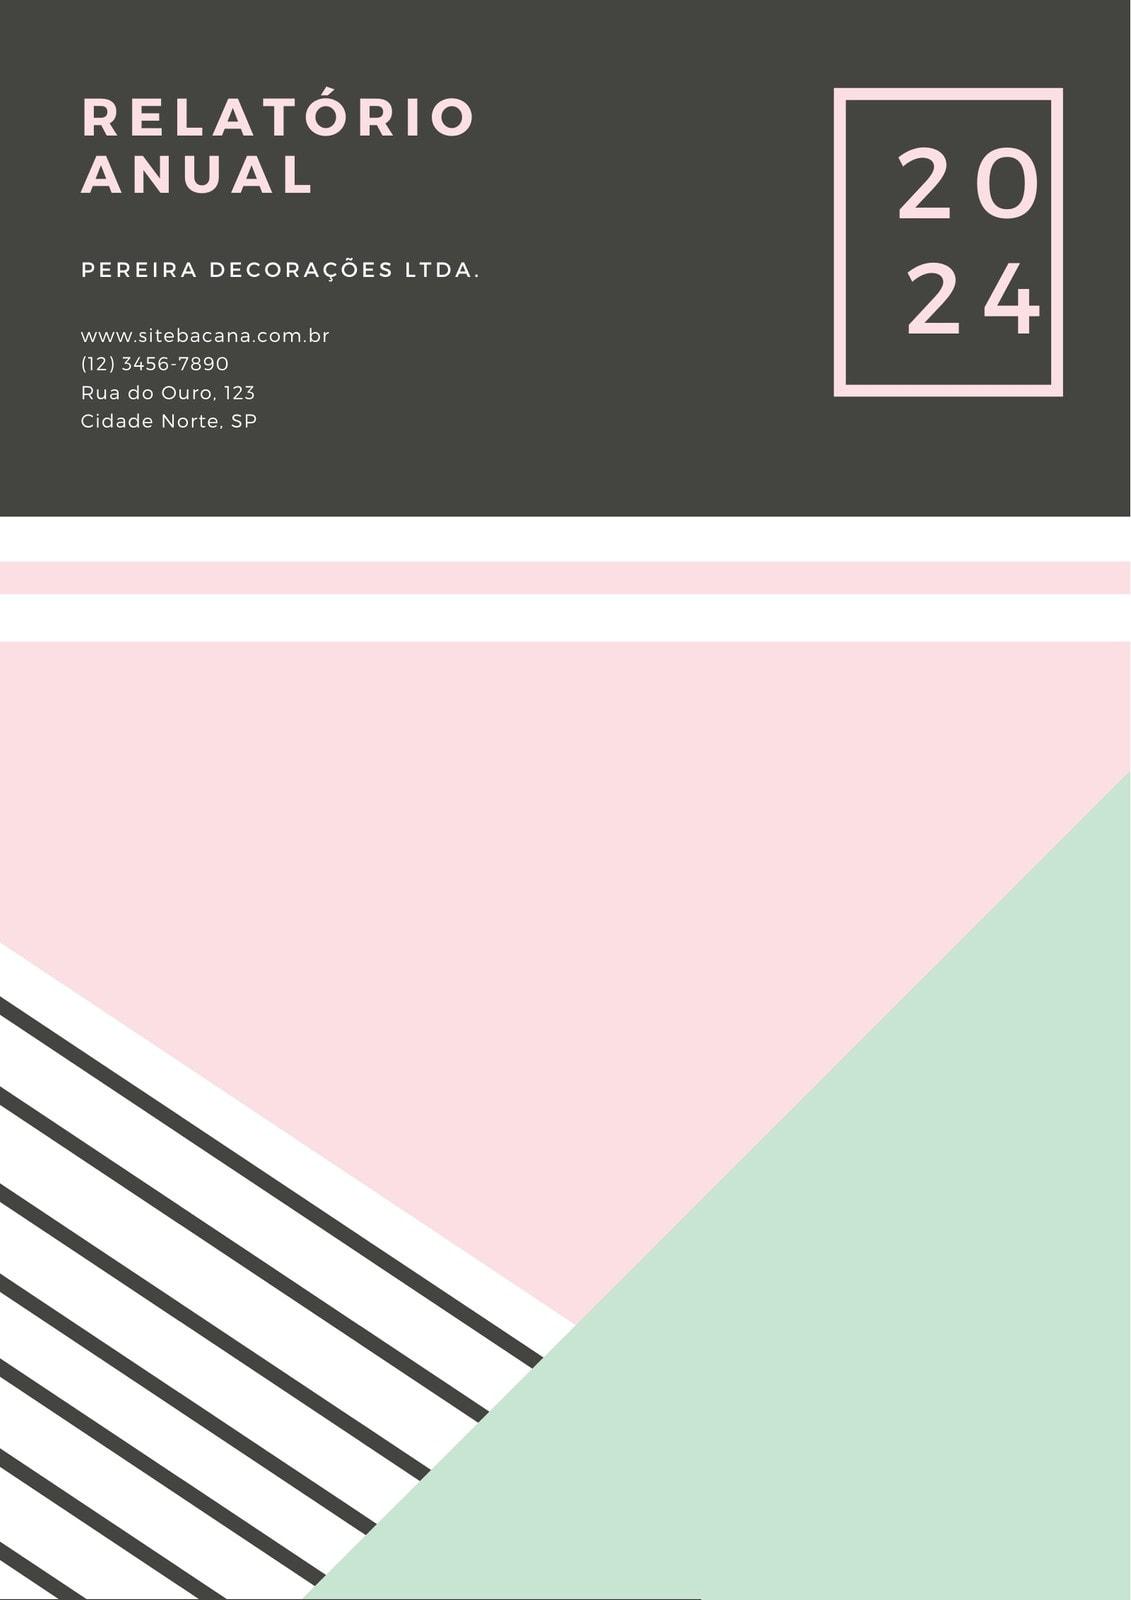 Pastel Geométrico Anual Relatório